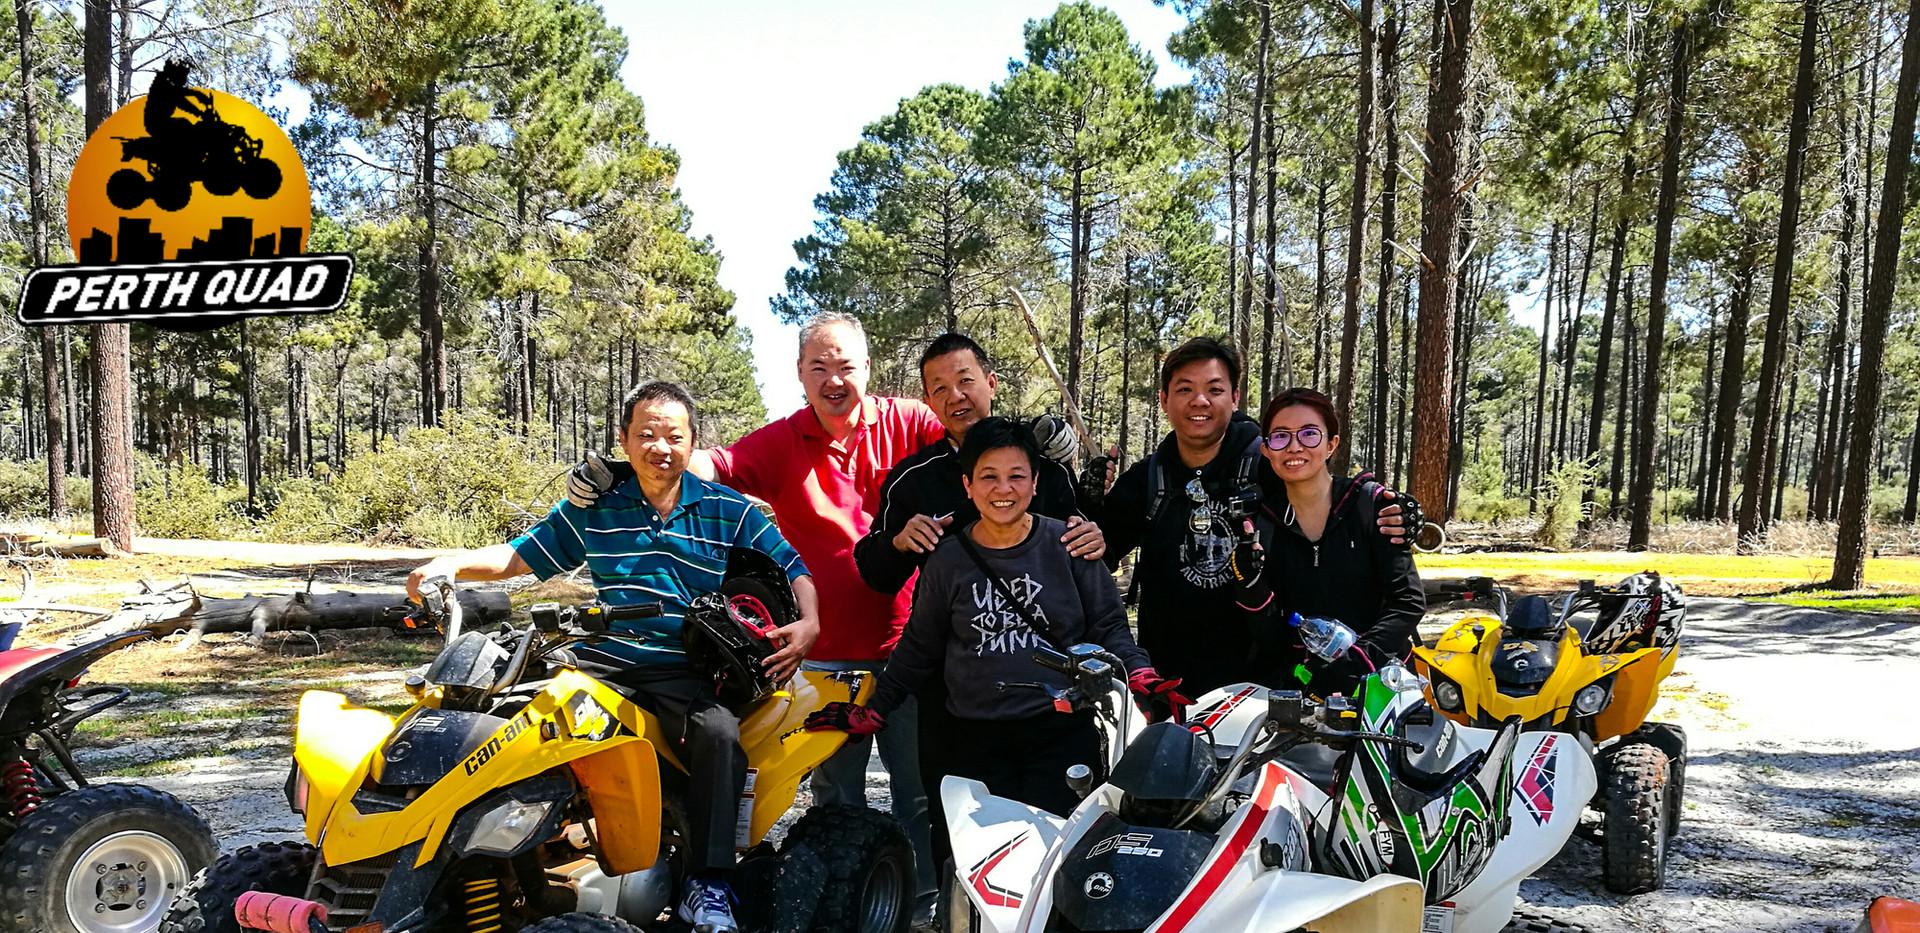 perth quad bike tour